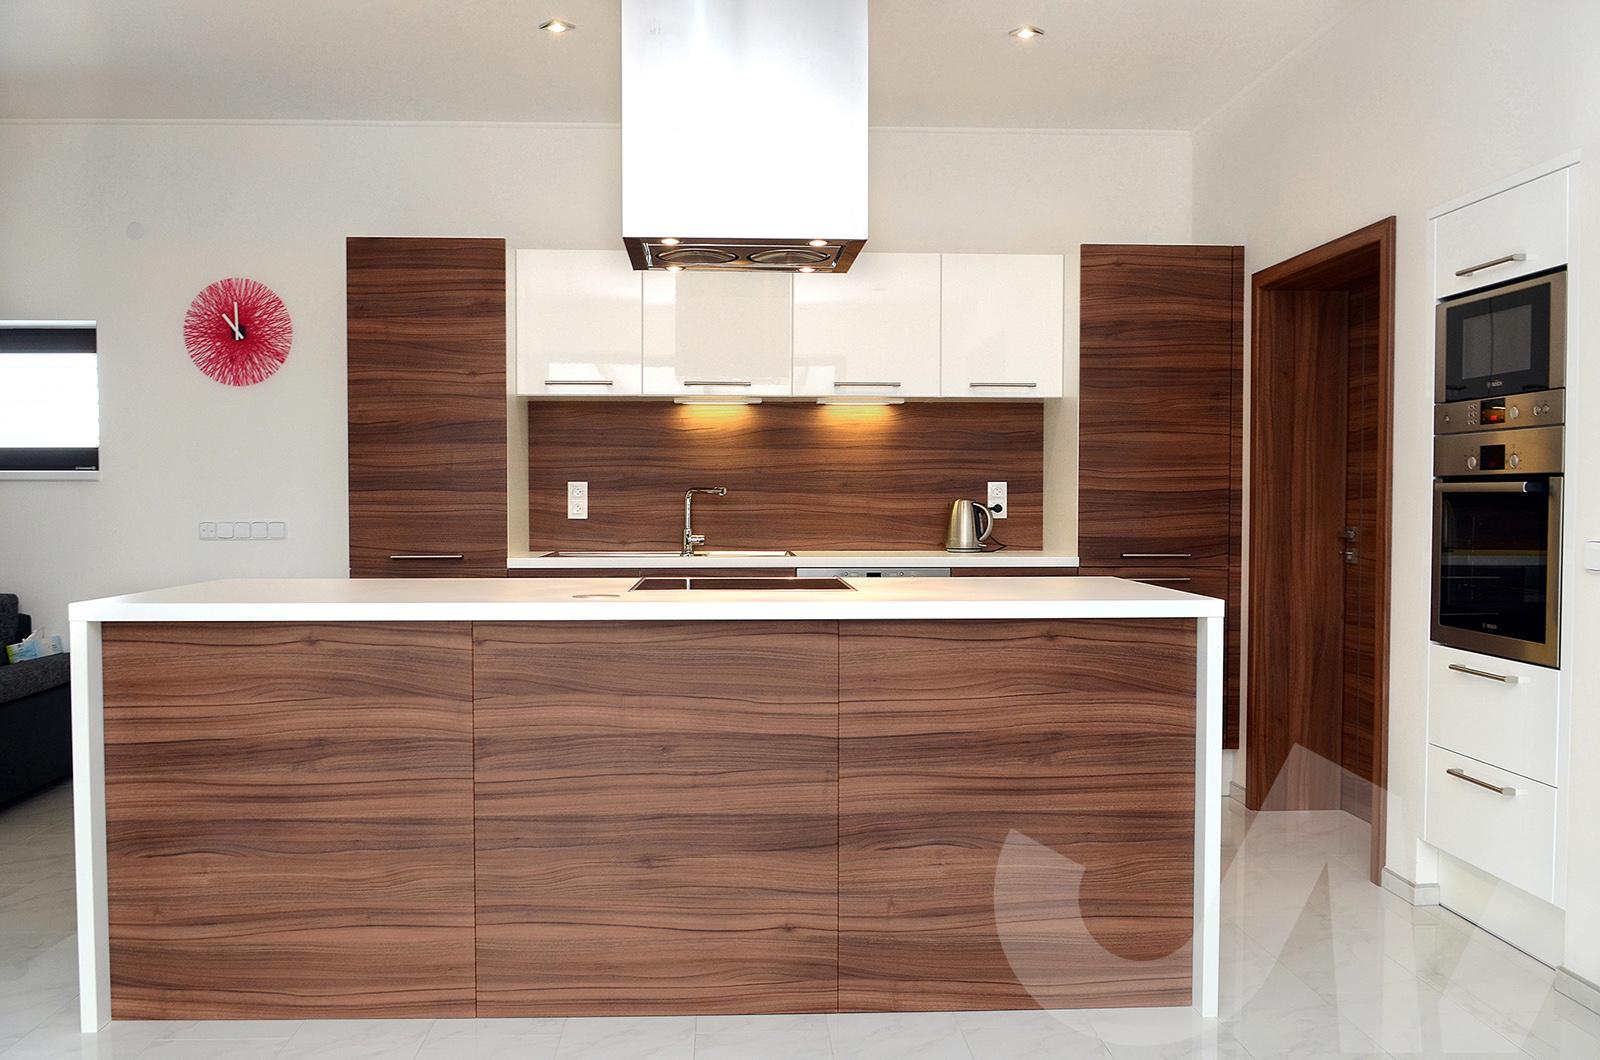 Úžasná kuchyně v kombinaci dřeva a bílé barvy.